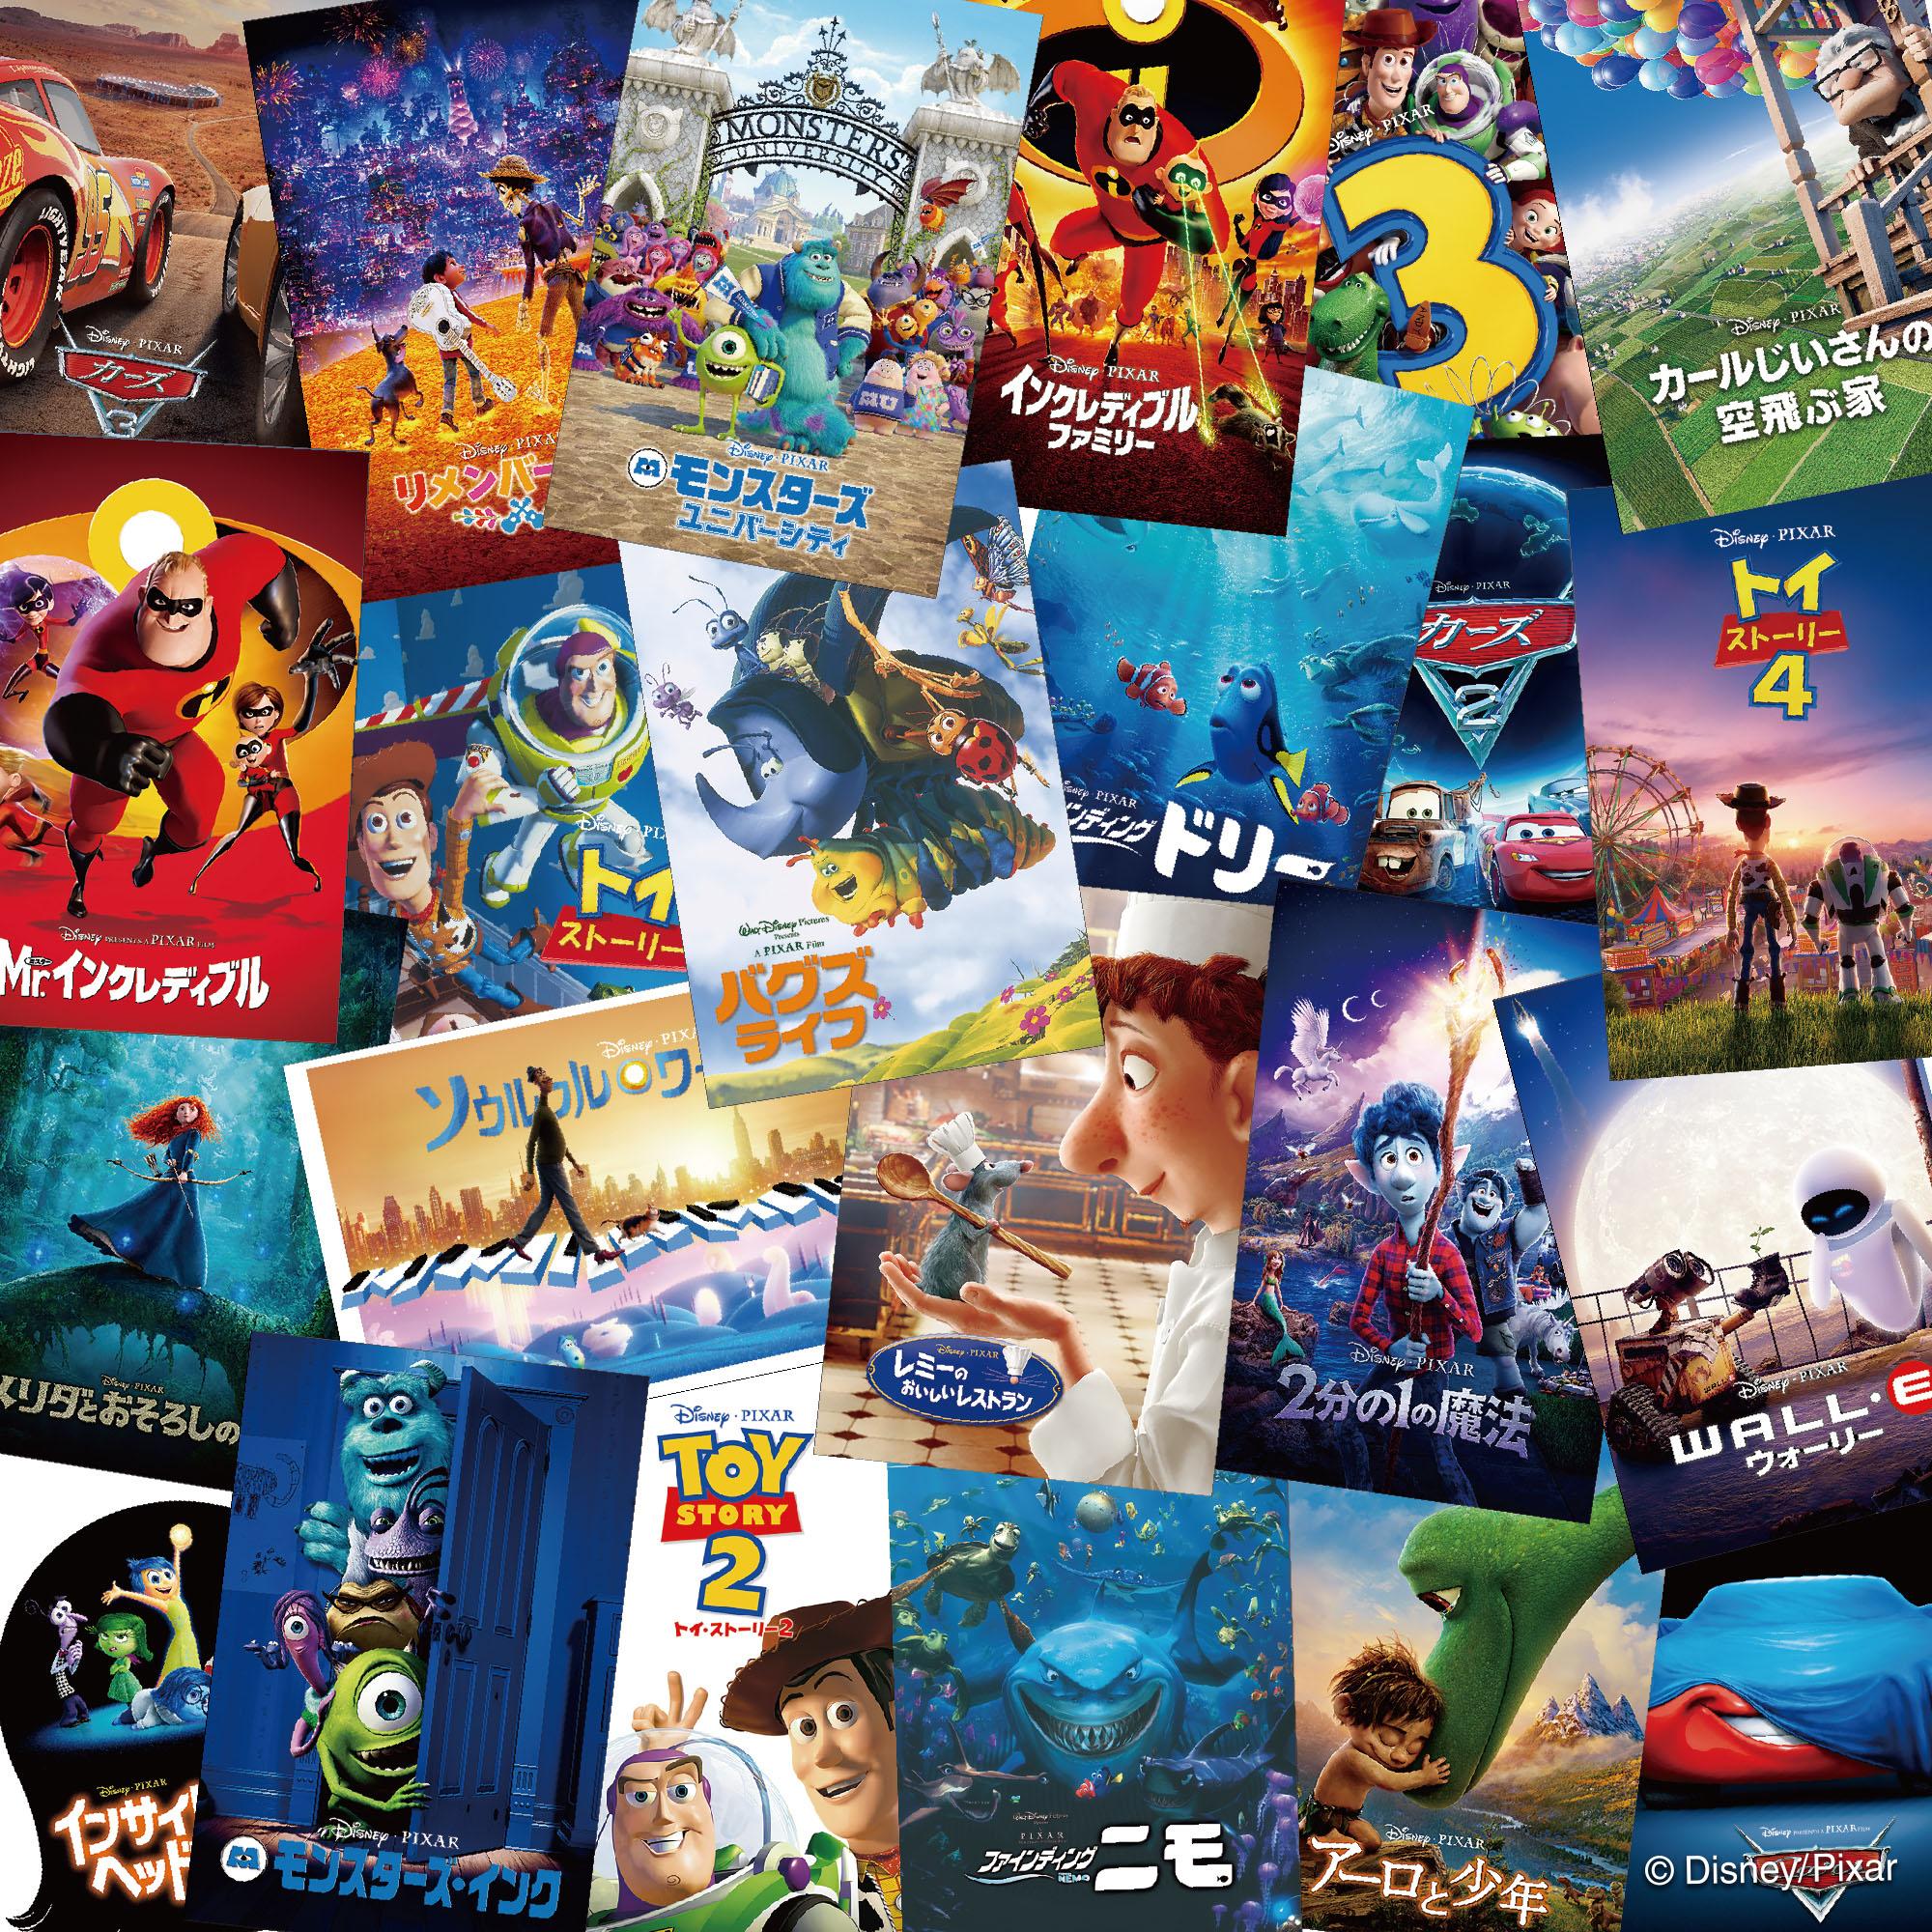 %e3%83%94%e3%82%af%e3%82%b5%e3%83%bc%e5%b1%95%e3%80%8epixar-pixar-pixar-15-2